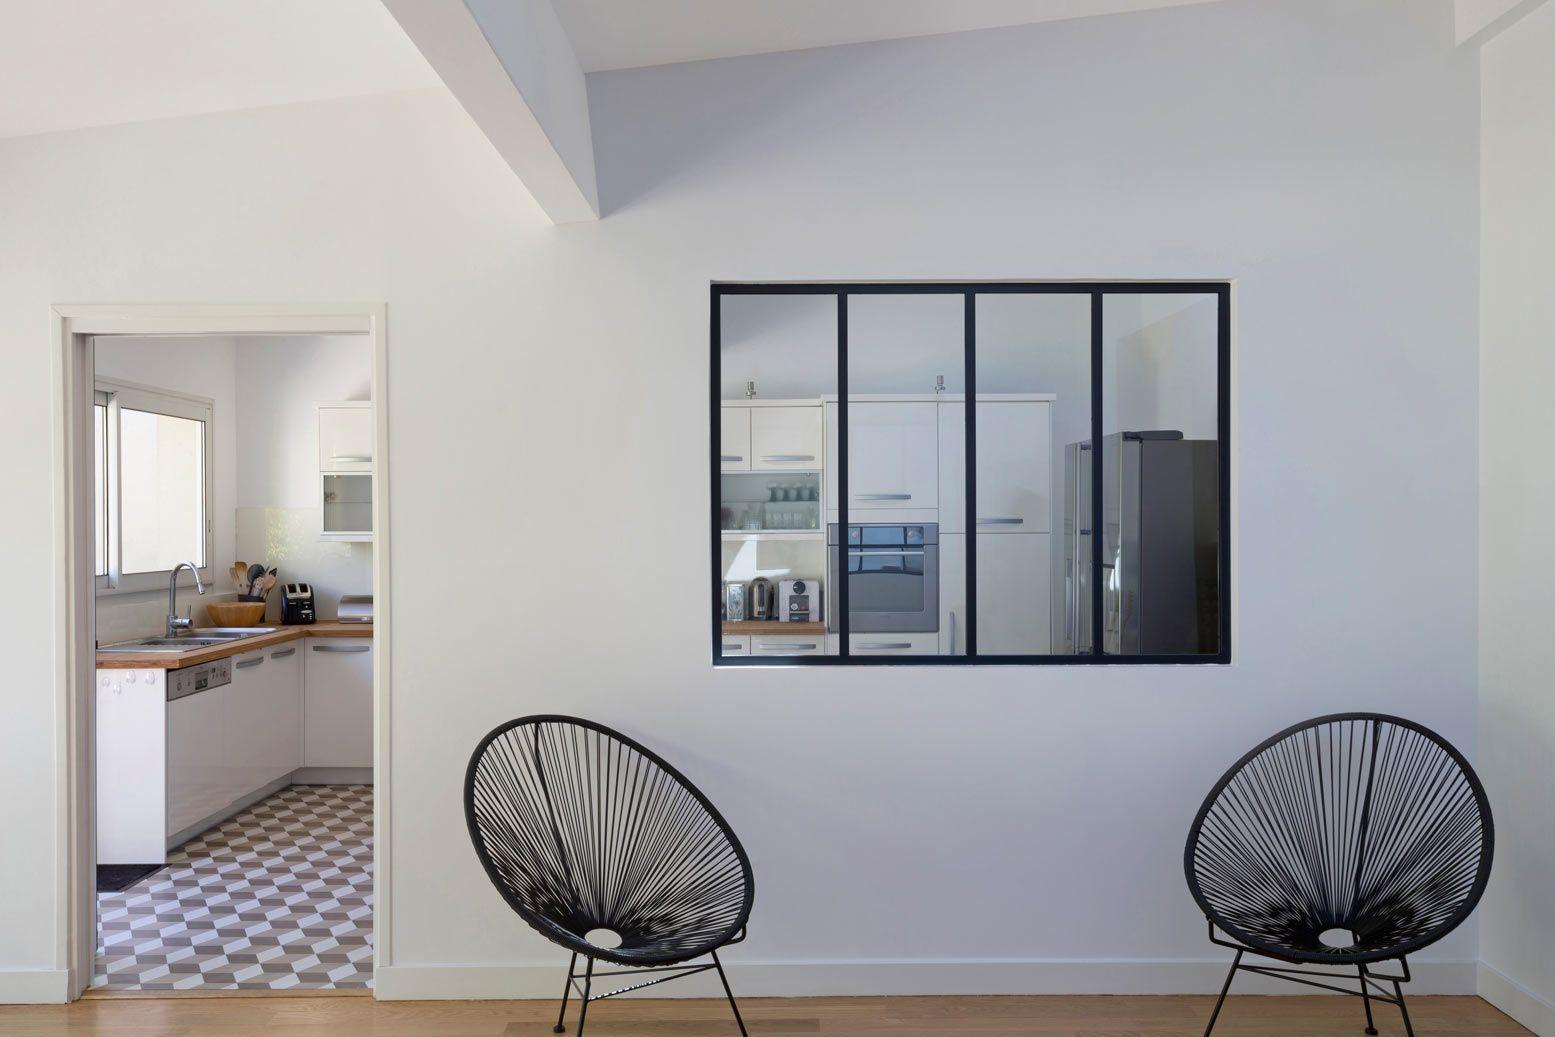 Chassis Atelier D Artiste verrière atelier d'artiste de séparation entre cuisine et un